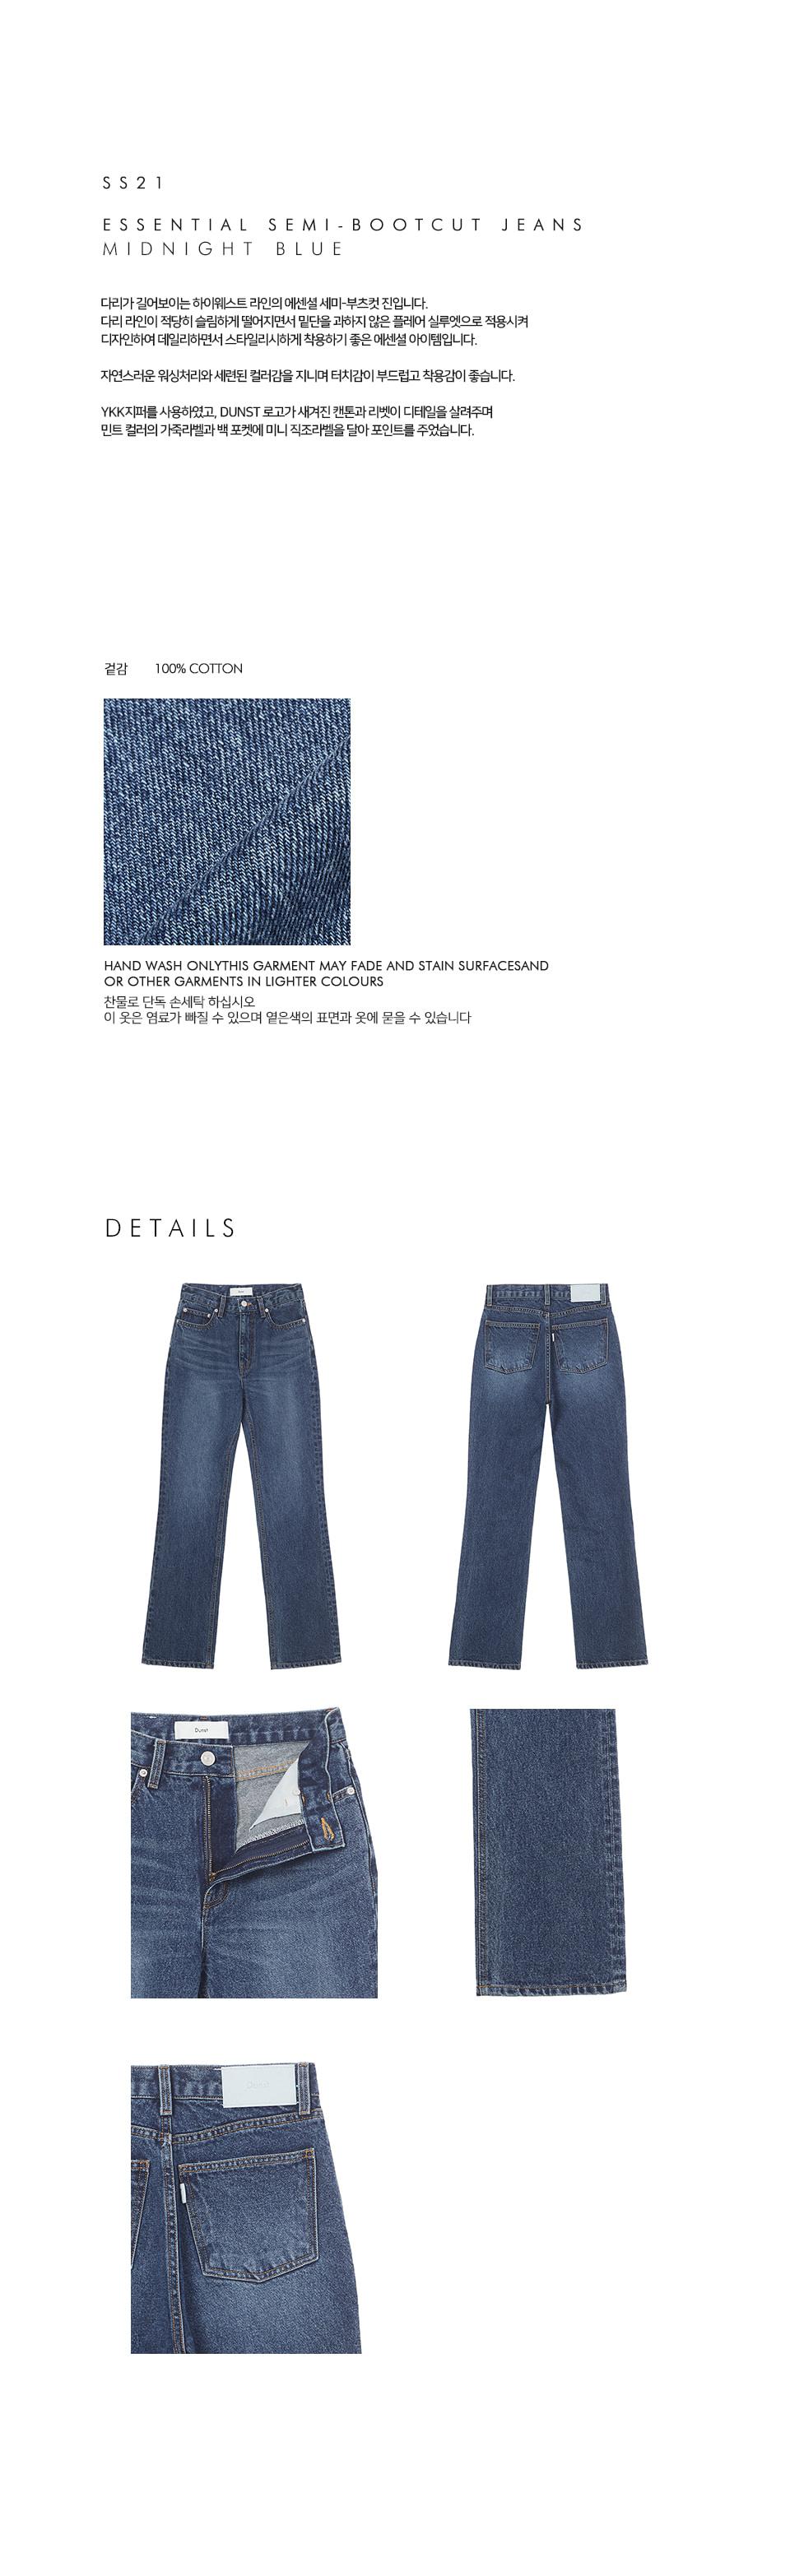 던스트 포 우먼(DUNST FOR WOMEN) ESSENTIAL SEMI-BOOTCUT JEANS MIDNIGHT BLUE_UDPA1E208N2